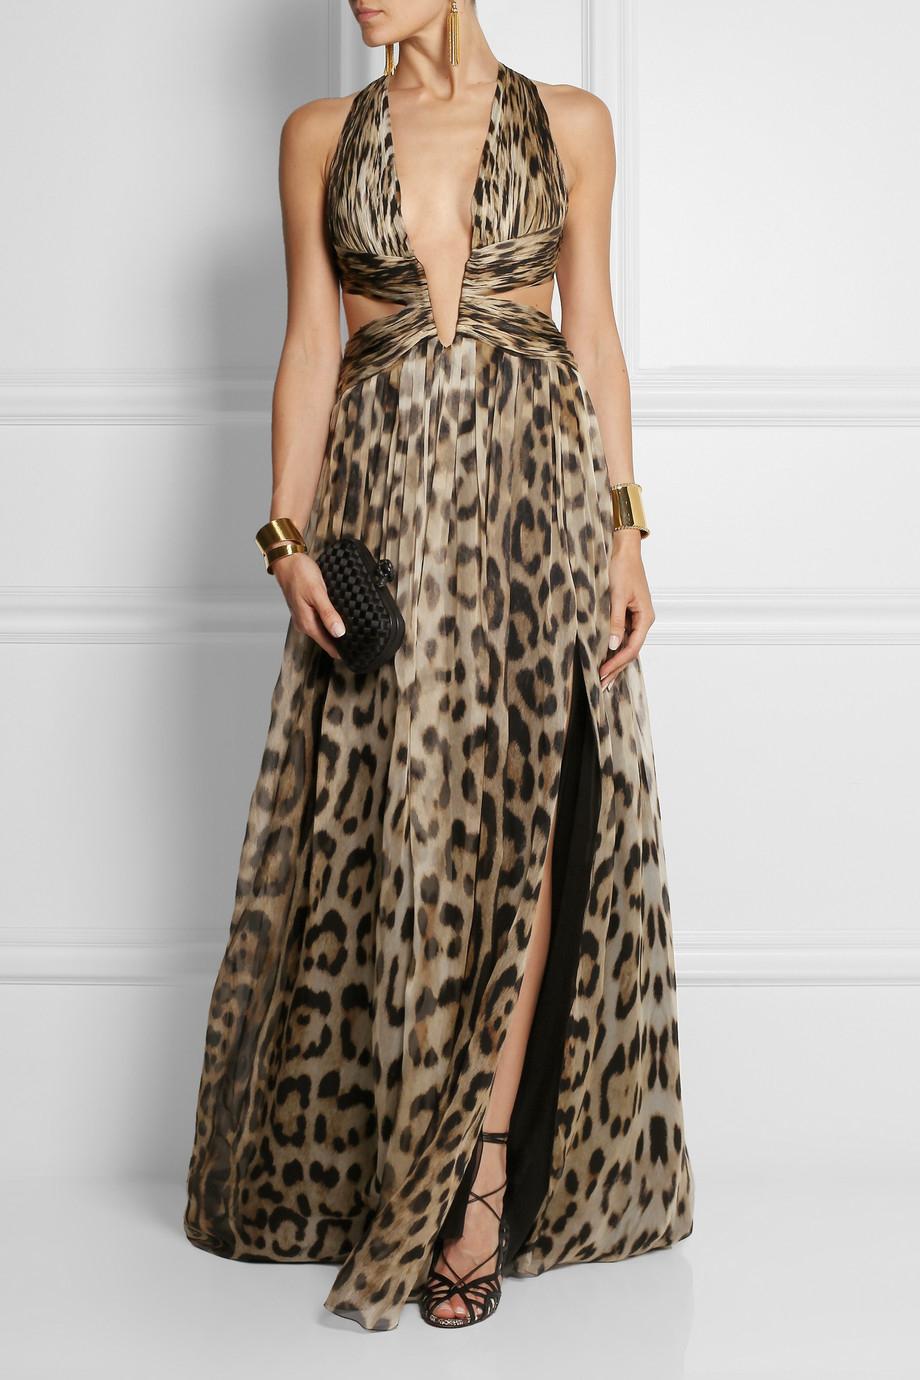 Lyst - Roberto Cavalli Cutout Leopard-Print Silk-Chiffon Gown